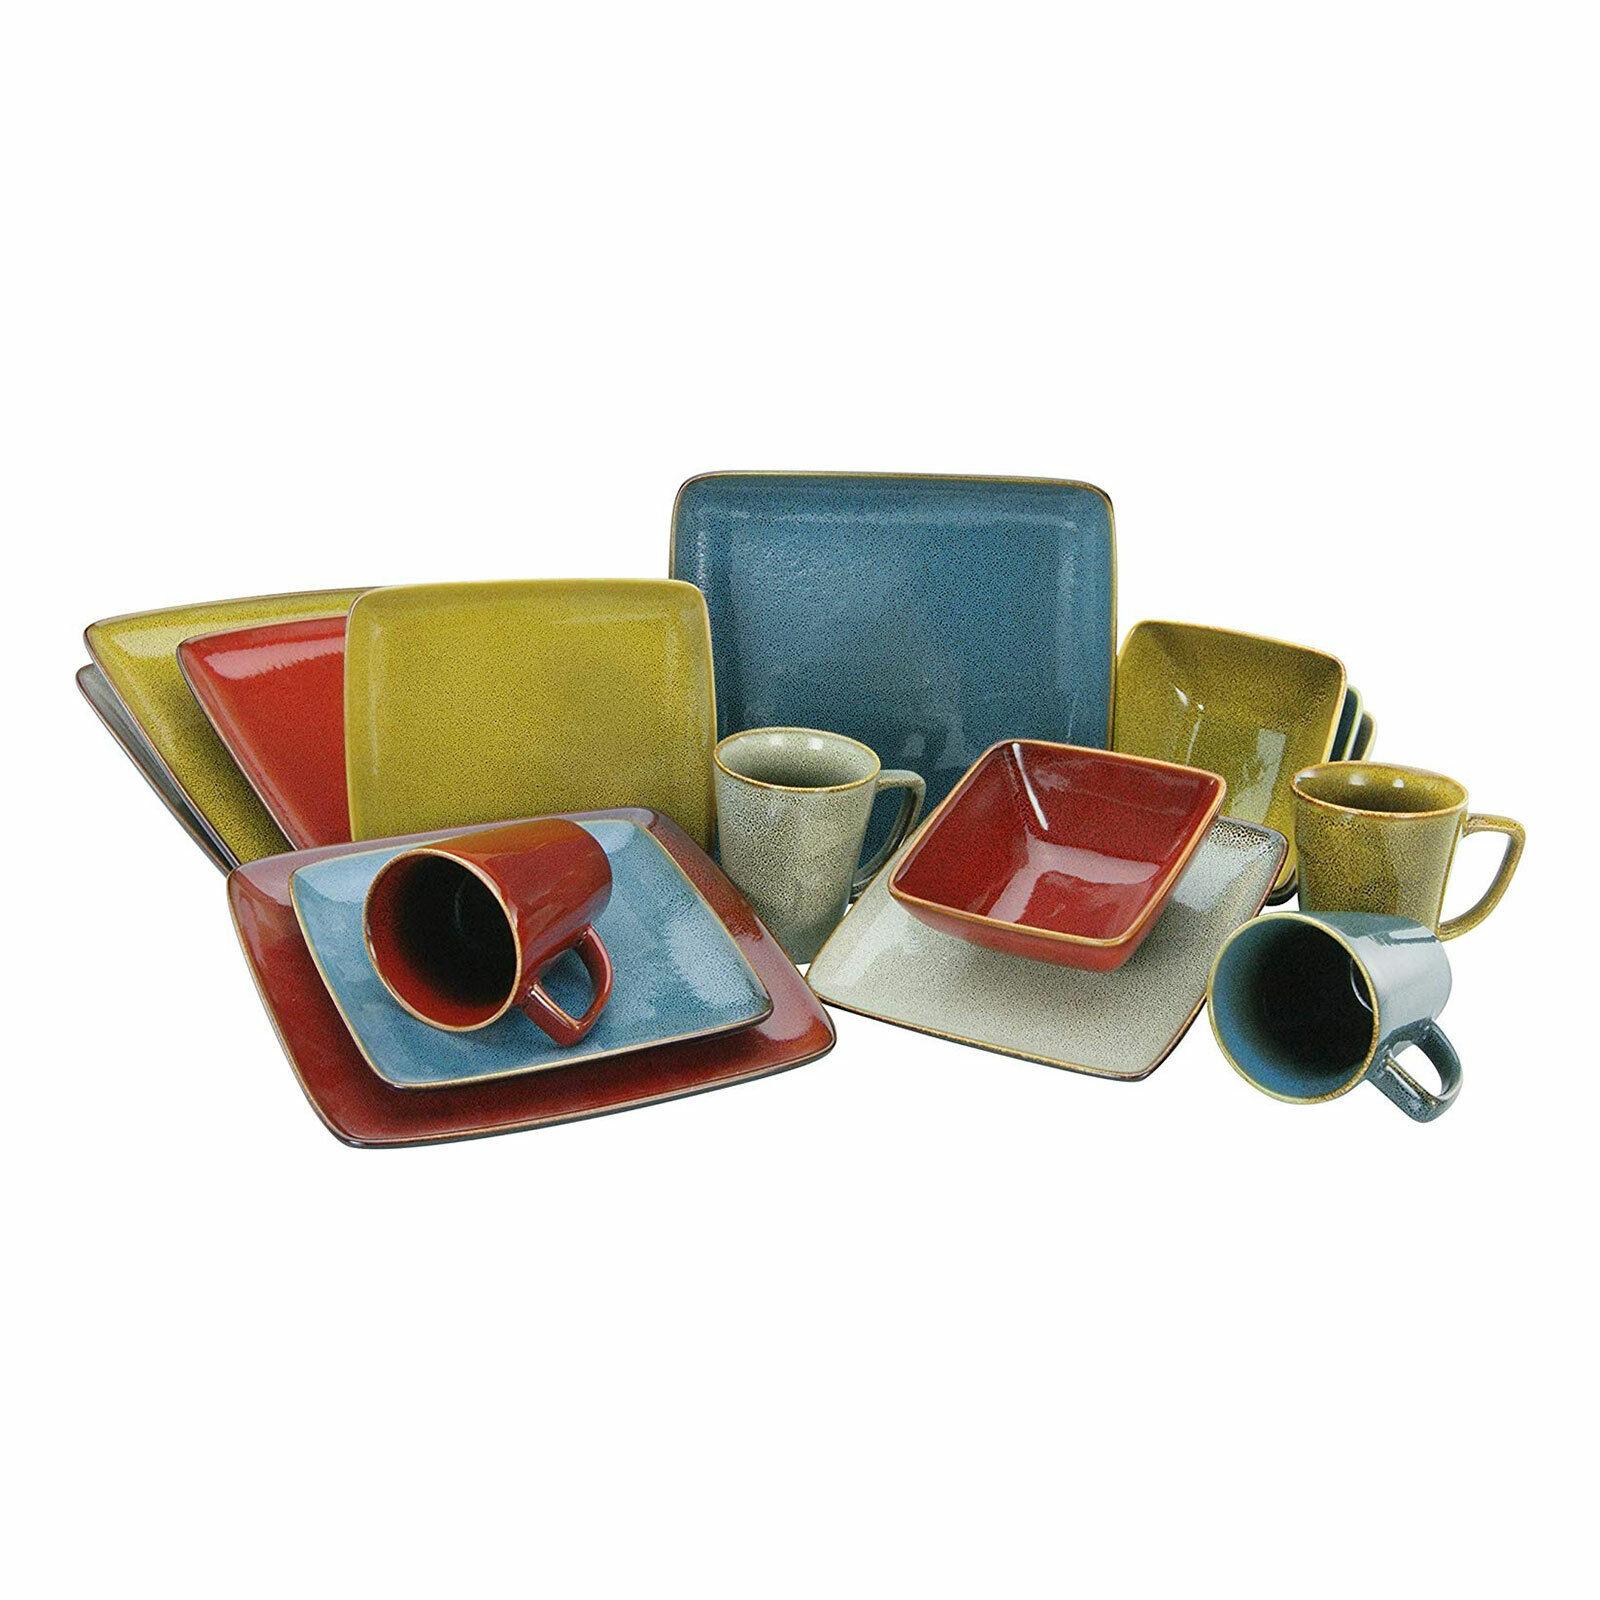 Retro Style Kombiservice Geschirr 16tl Steinzeug 4 Personen Creatable 22316 Gb For Sale Online Ebay